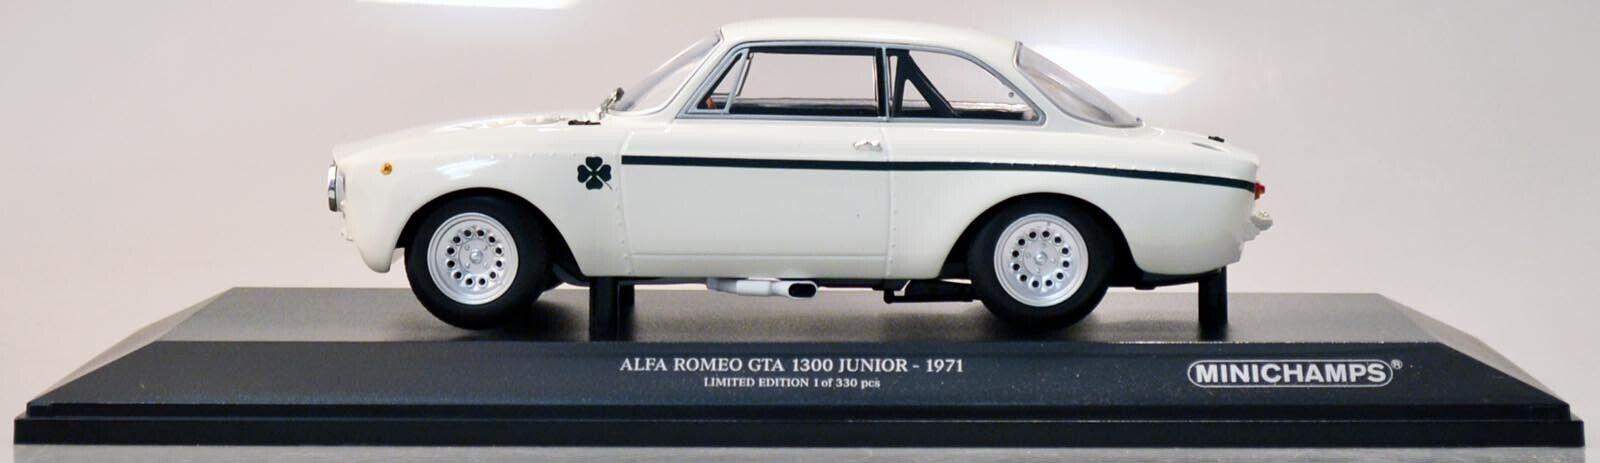 Minichamps 155120021 Alfa Romeo GTA 1300 junior 1971 blancoo 1 18 nuevo en el embalaje original